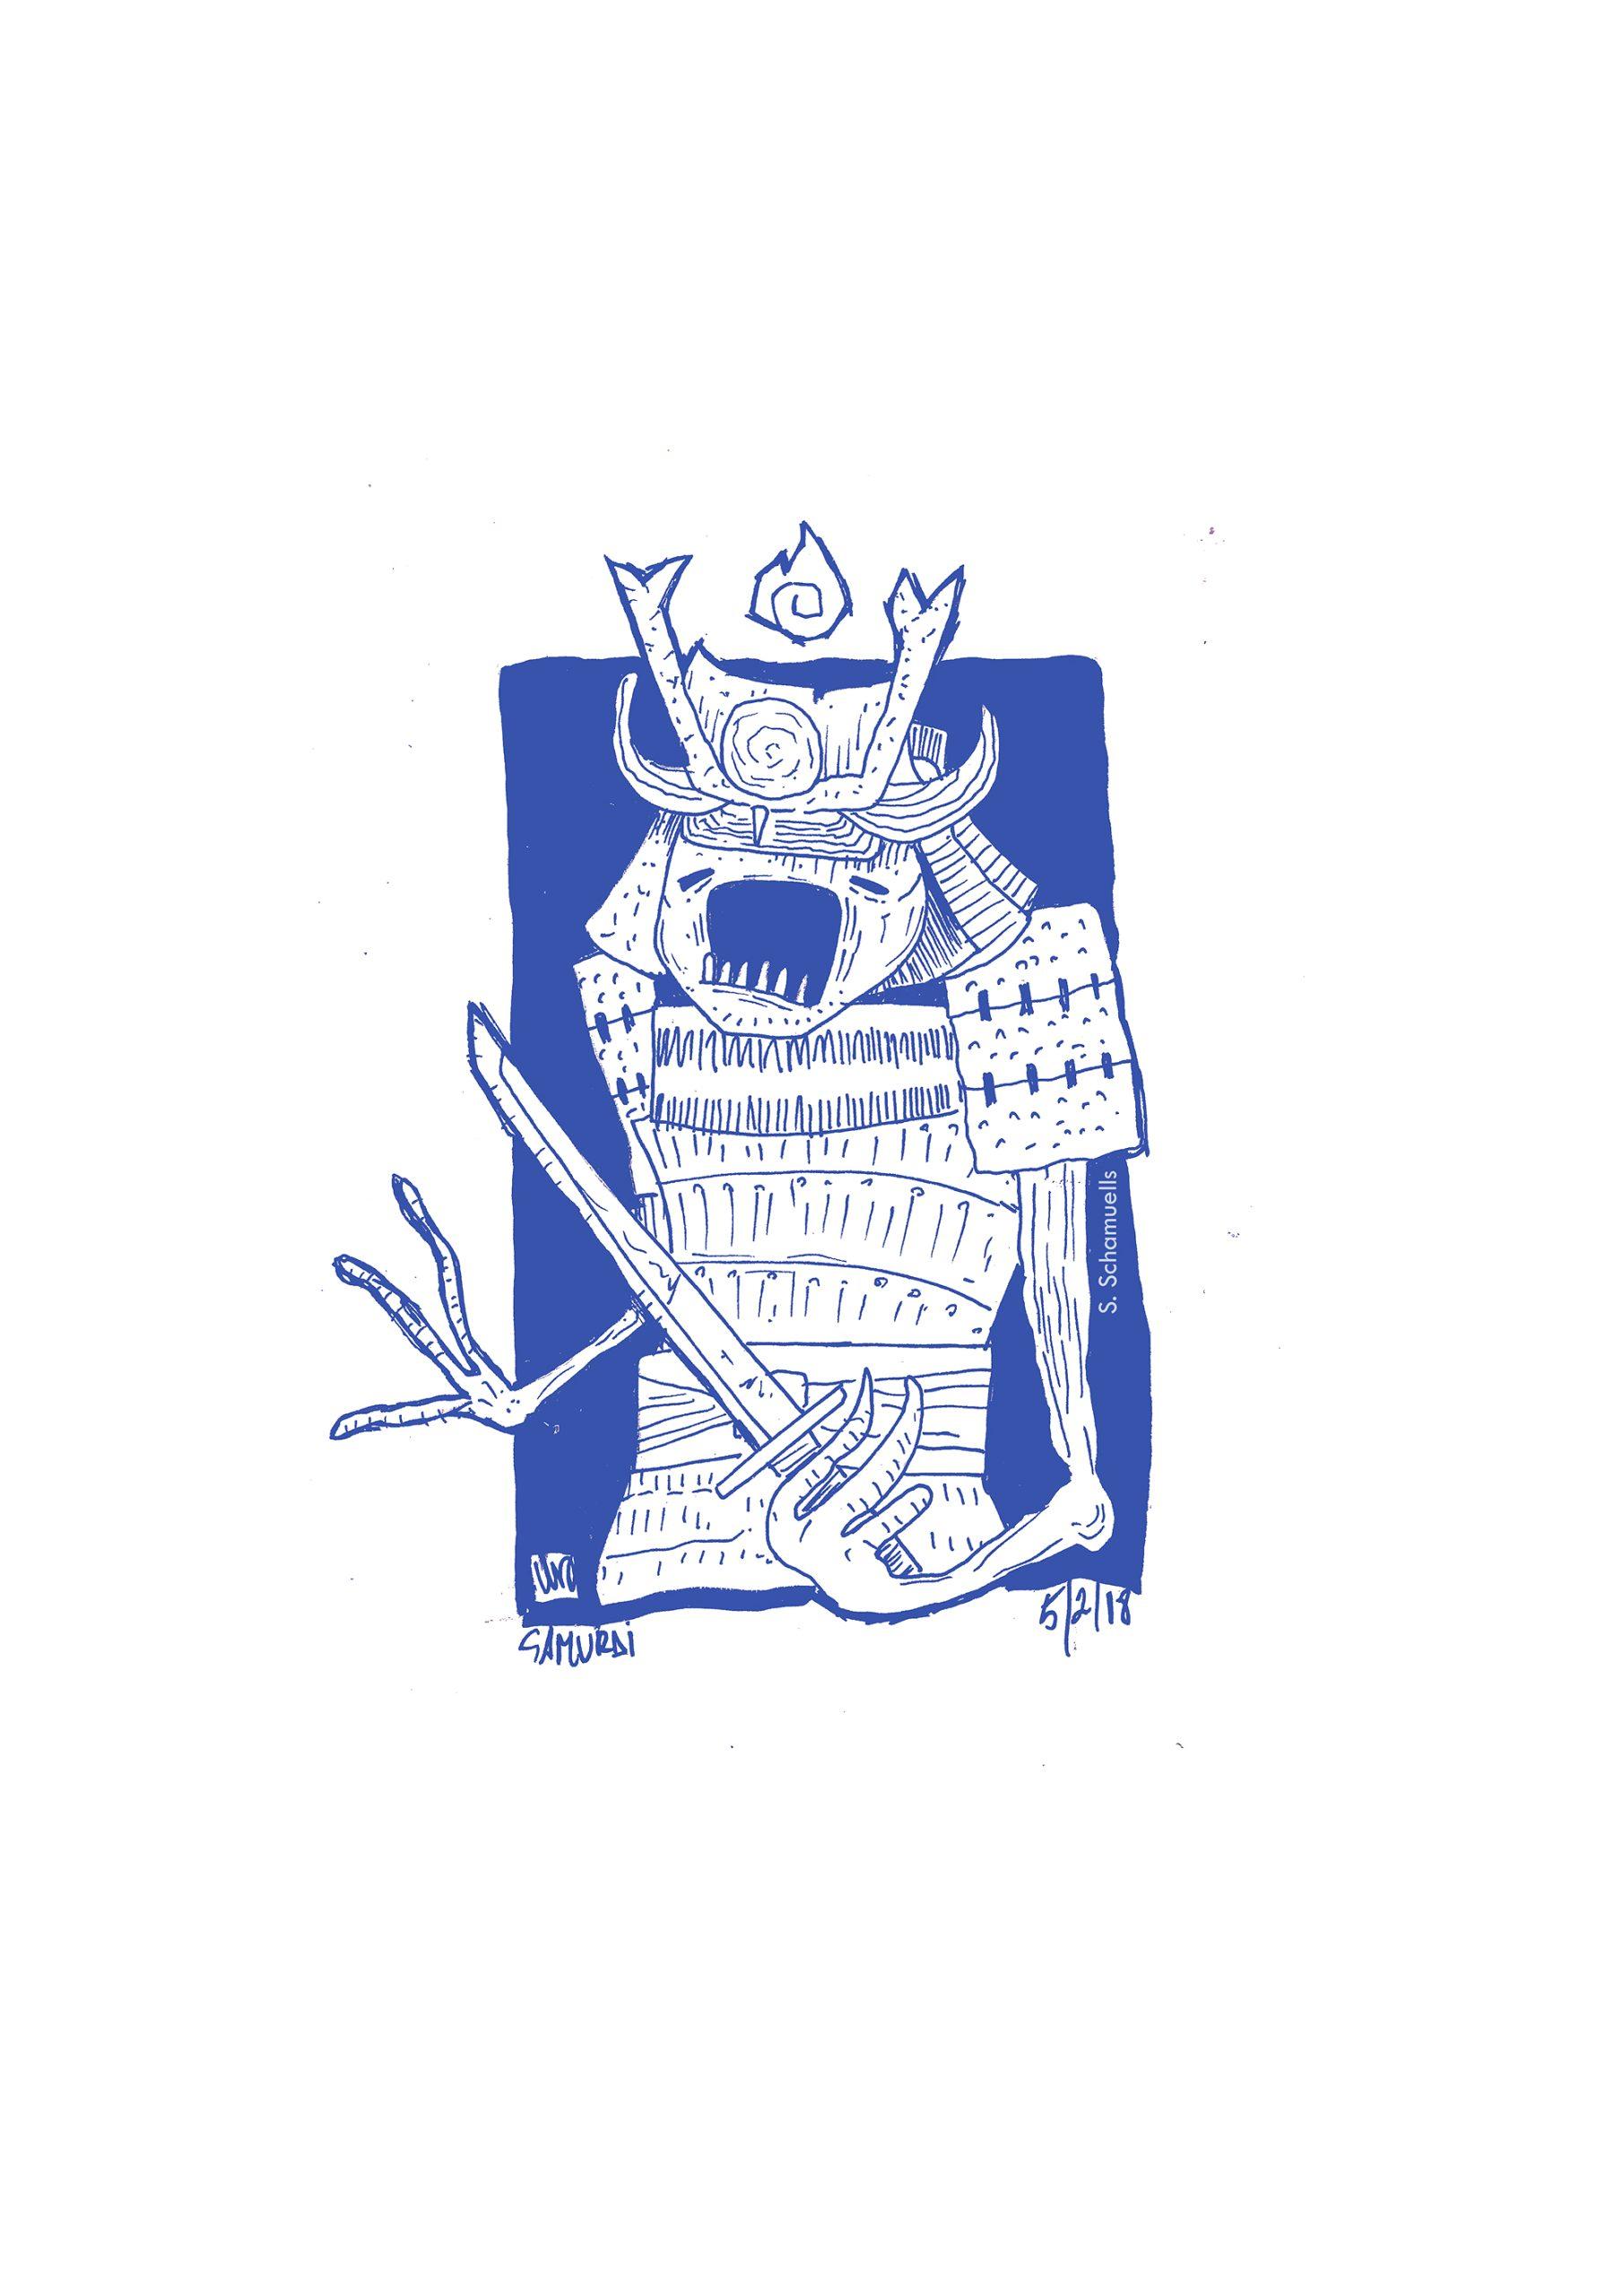 samuai blue